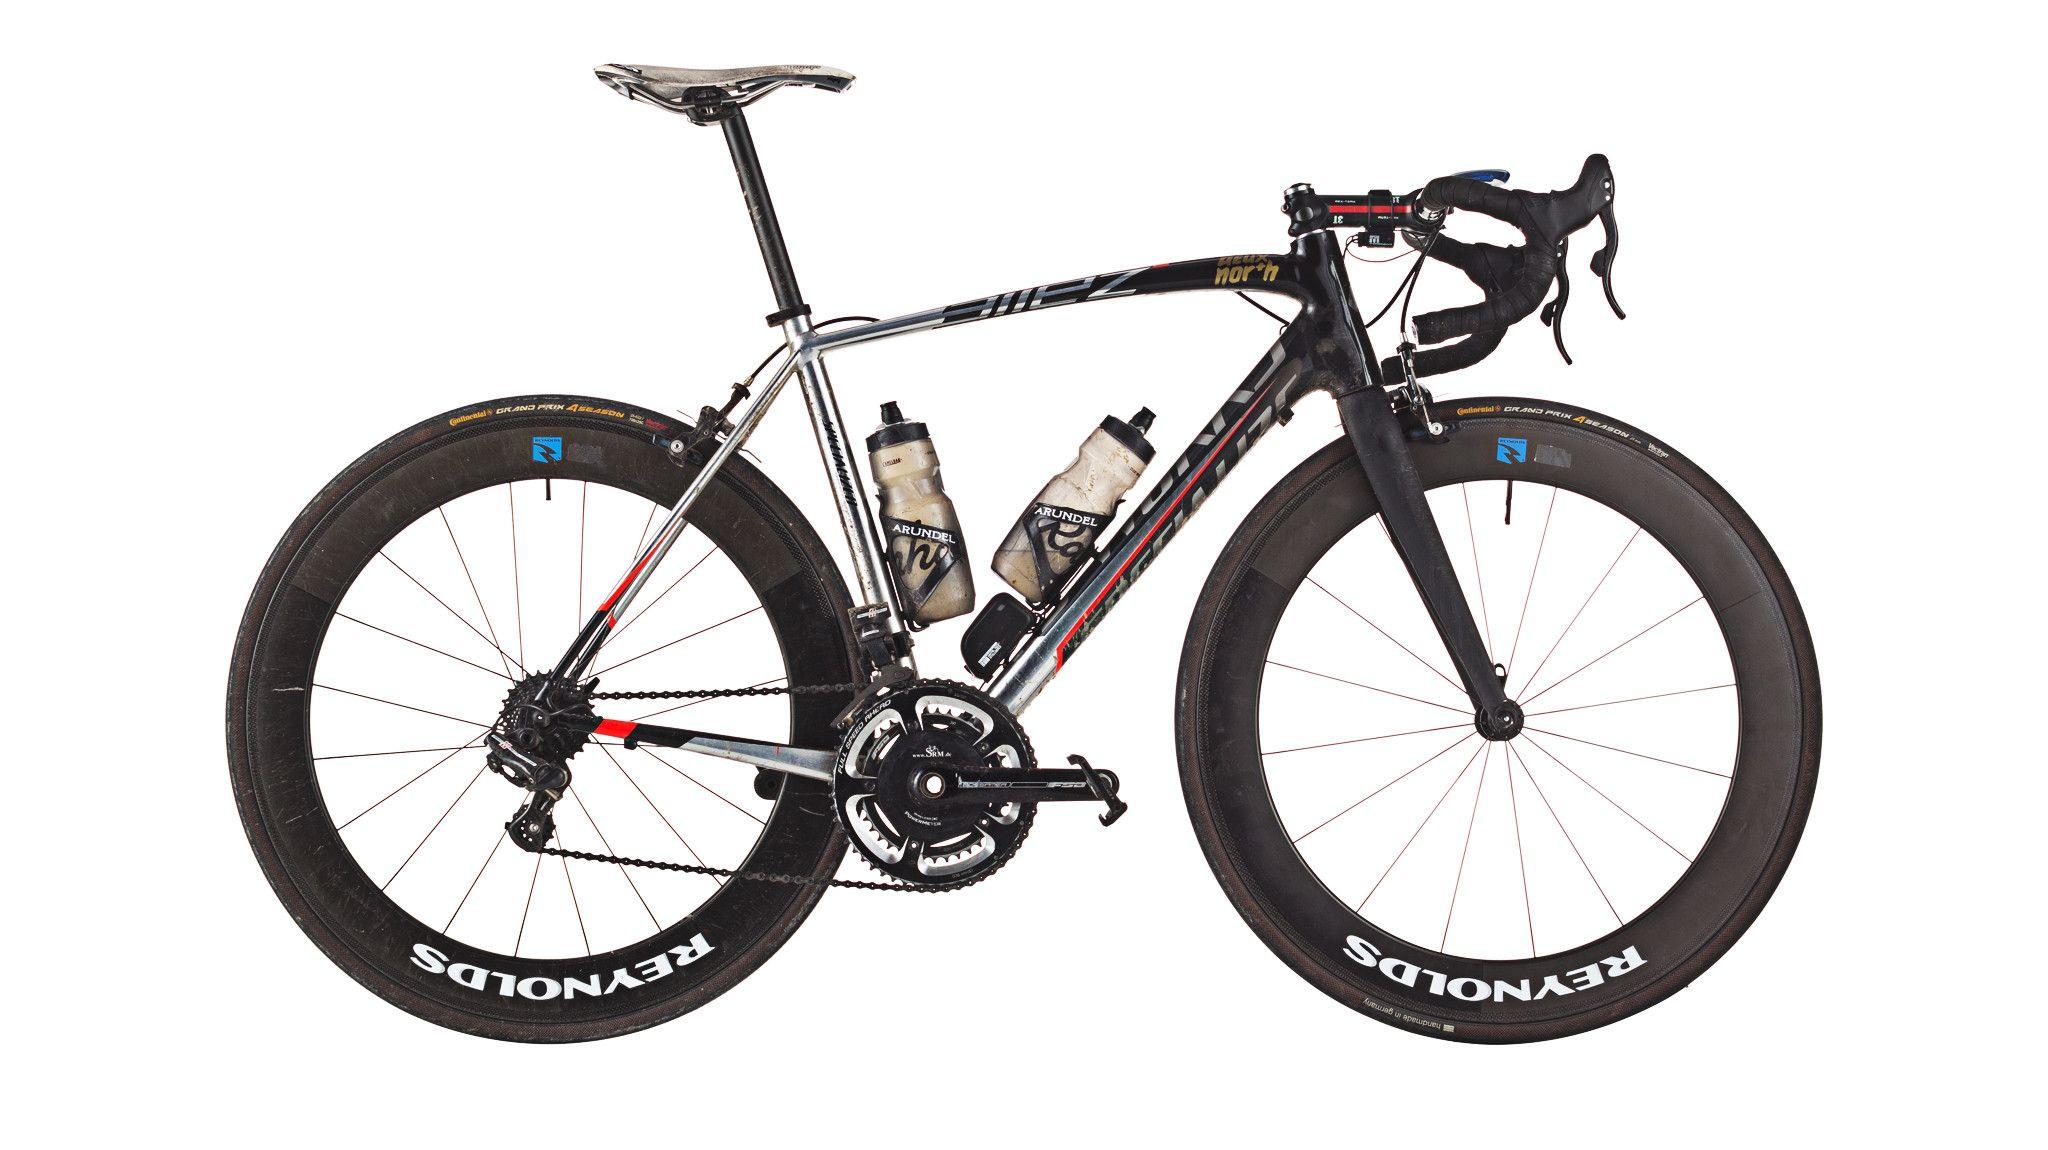 allez sprint Google Search Performance bike, Bike, Cycling